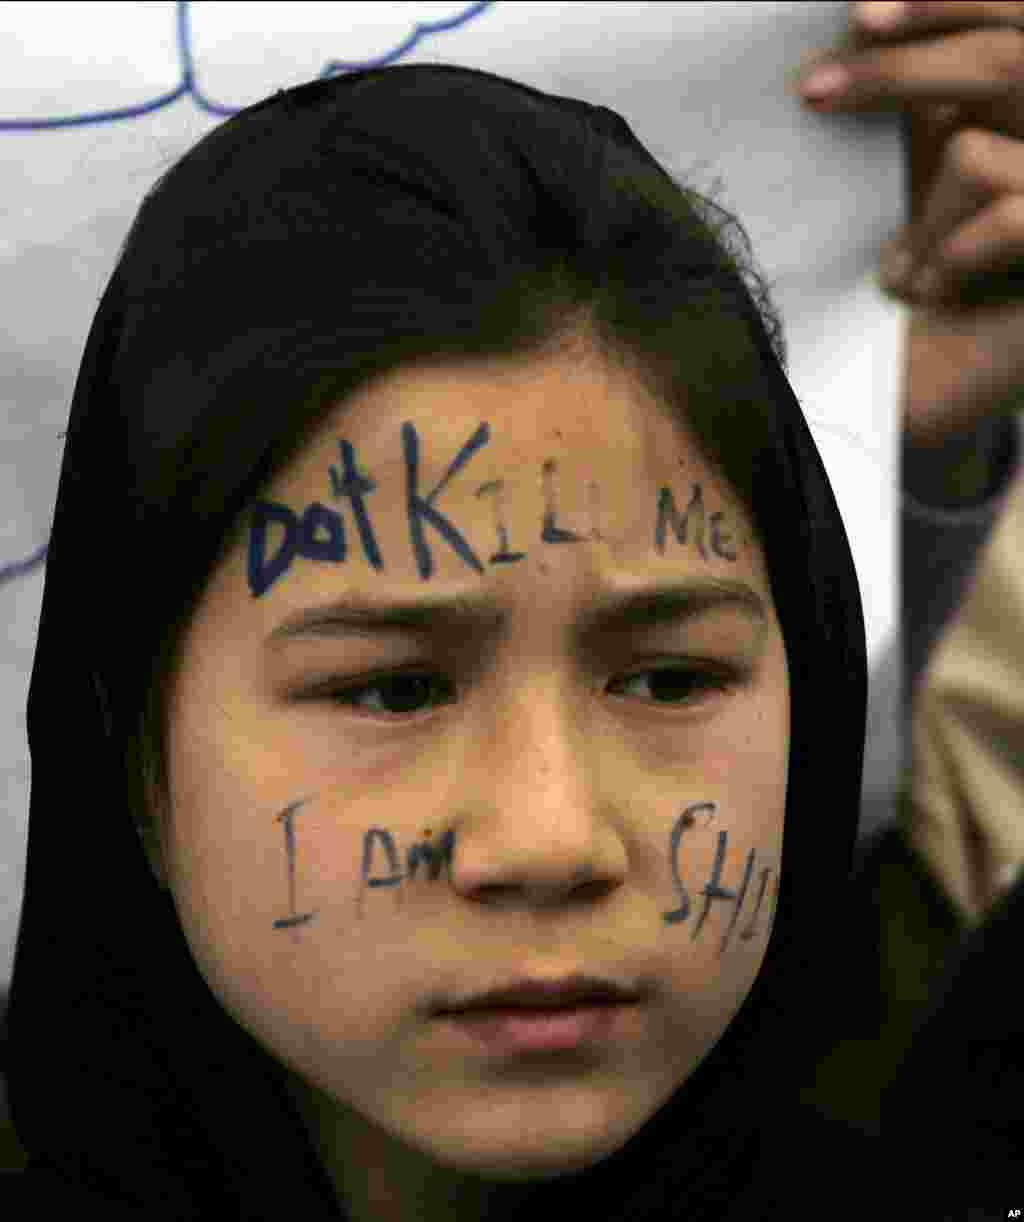 Seorang gadis Pakistan dari kaum muslim Syiah berpartisipasi dalam aksi duduk untuk memprotes serangan bom atas komunitas Syiah di kota Quetta, Pakistan barat daya.